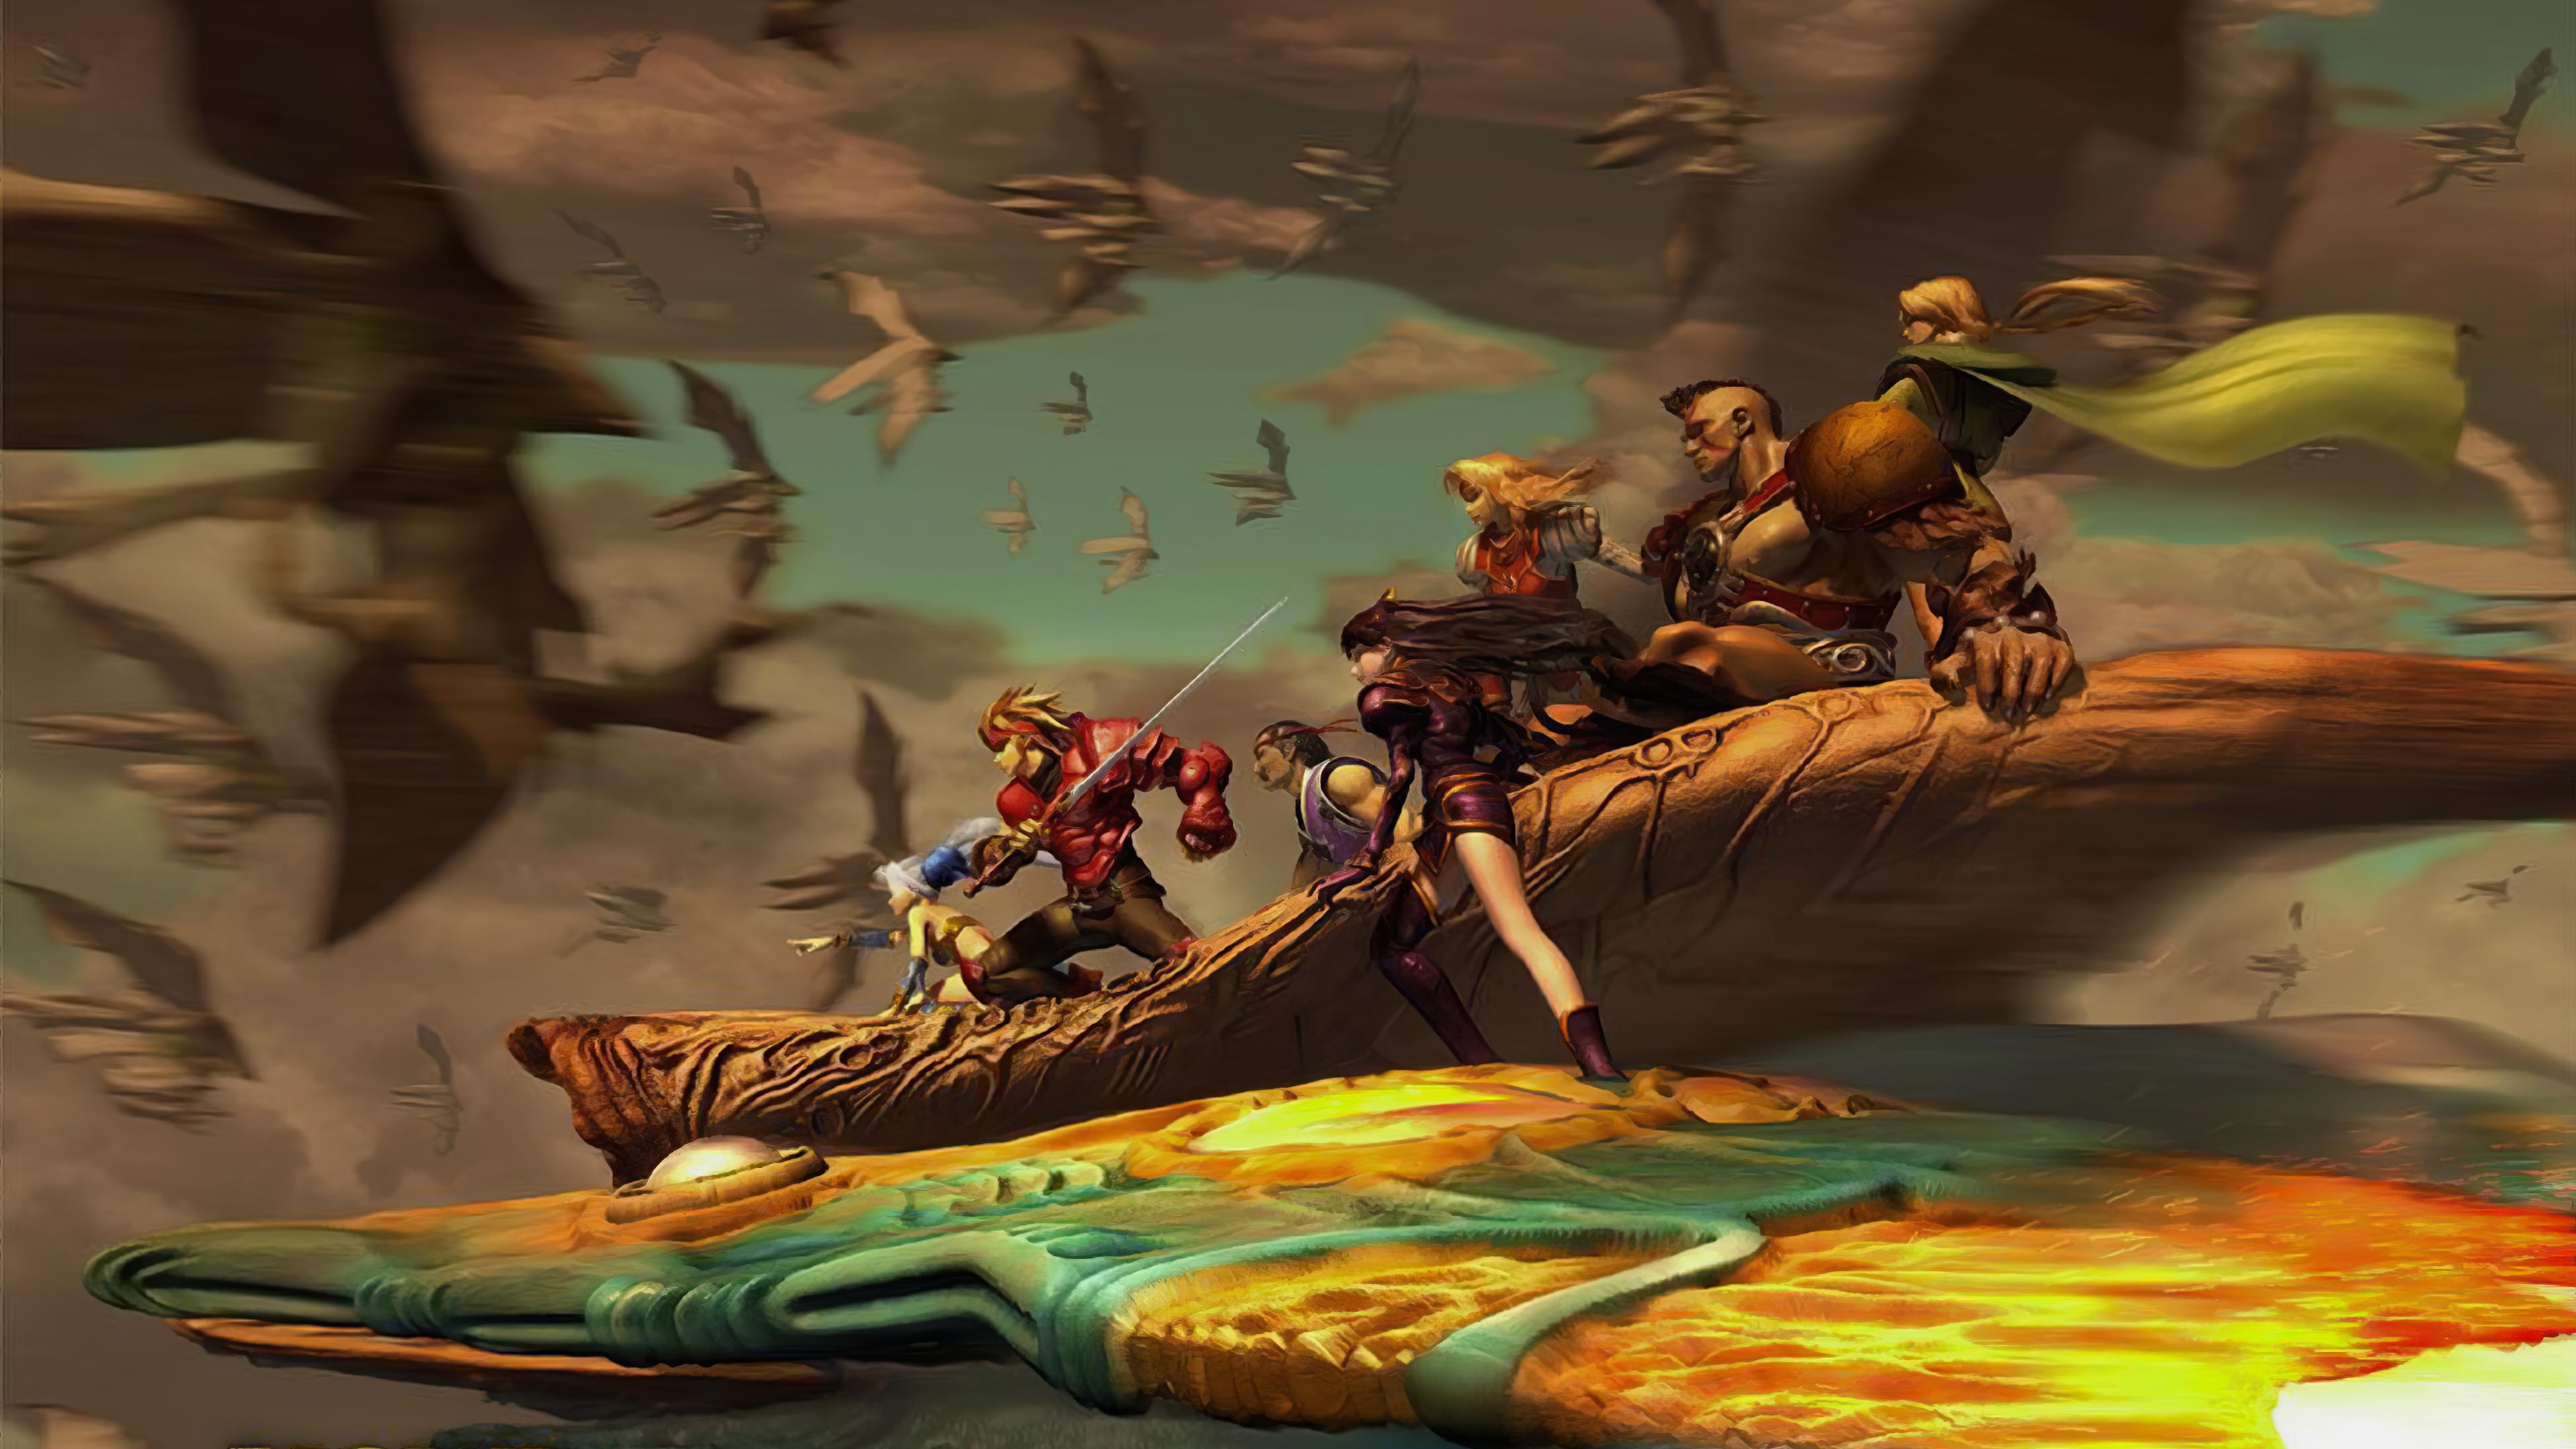 The Legend Of Dragoon Wallpaper By Hollowbattousai On Deviantart